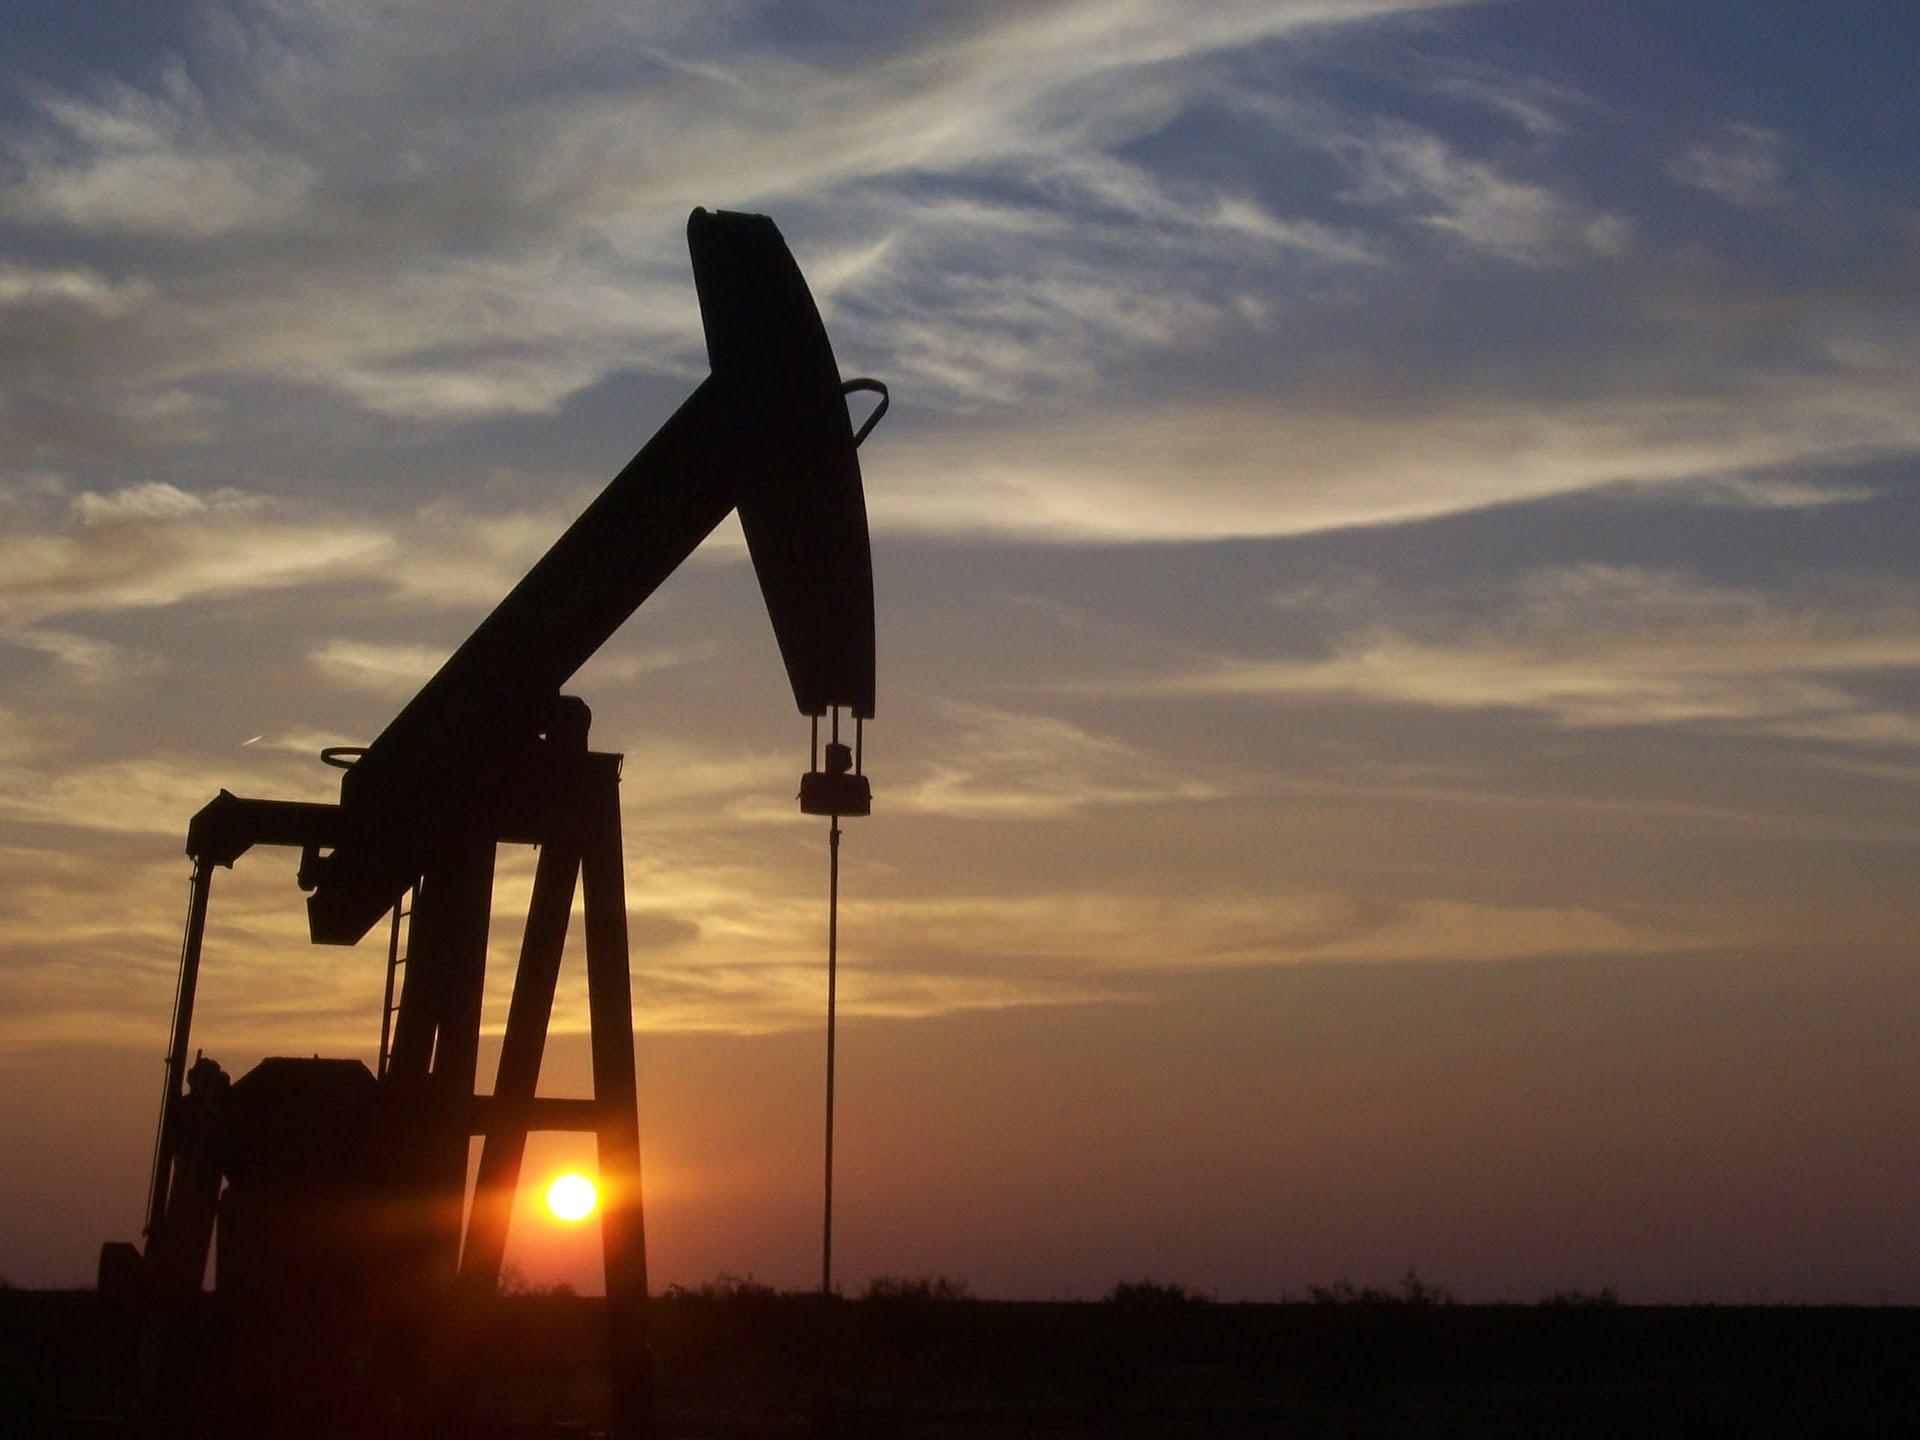 Cotațiile petrolului s-au prăbușit vineri. Cât a ajuns să coste barilul de țiței acum și care este cauza